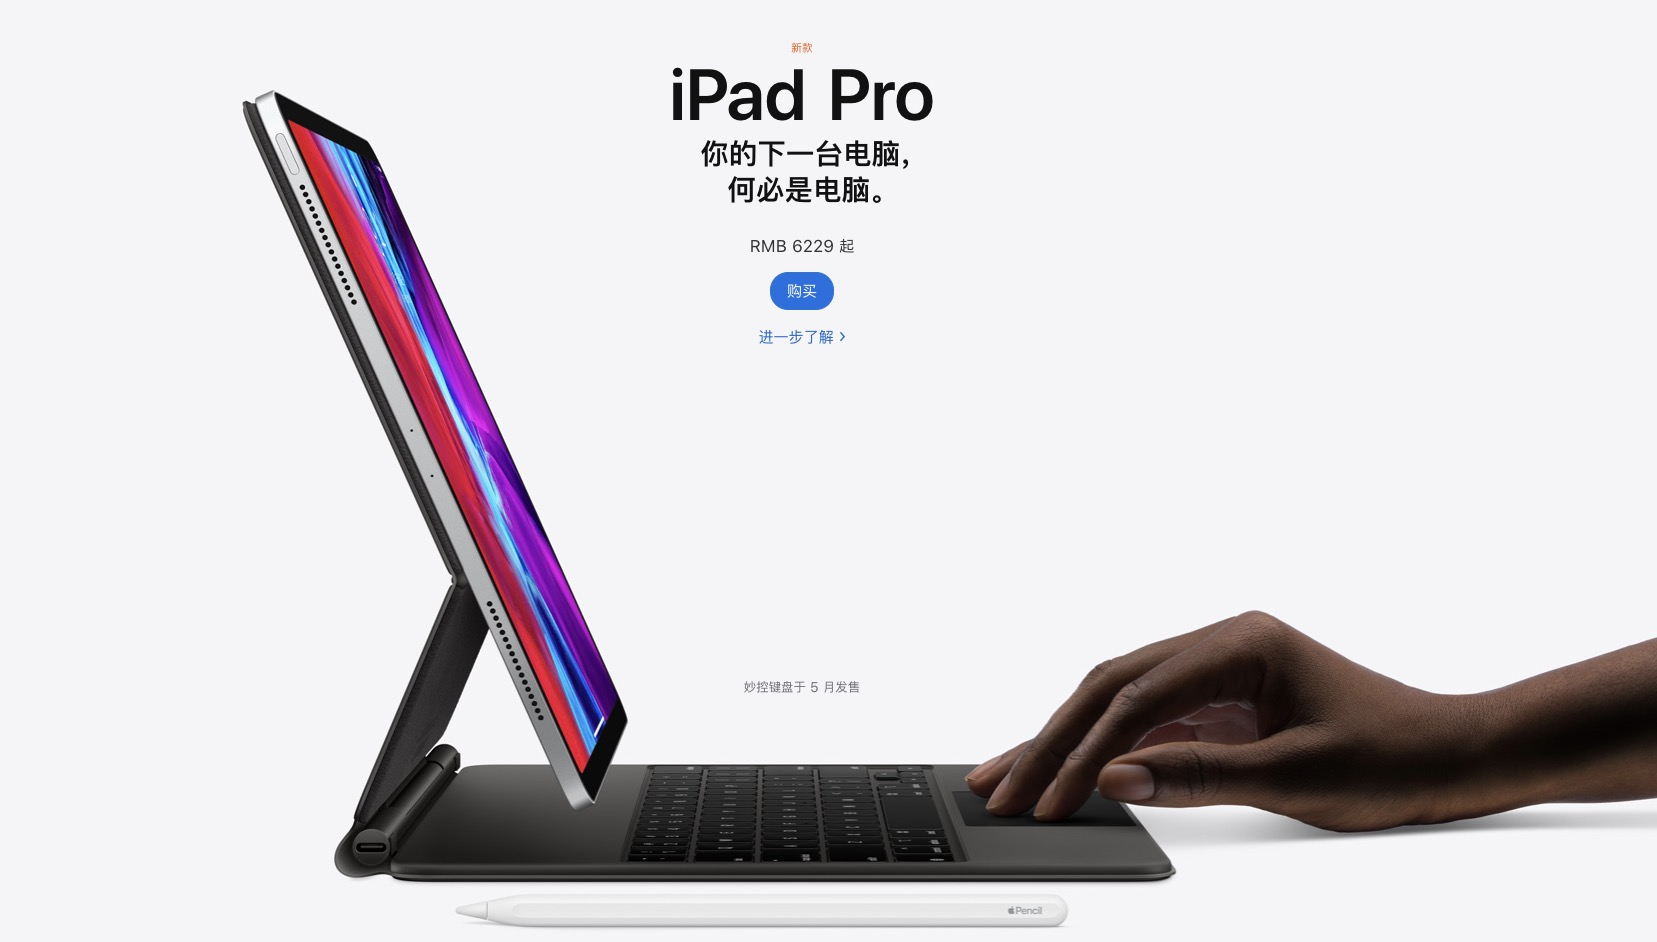 2020 年新款 iPad Pro 支持硬件级切断麦克风,防止窃听